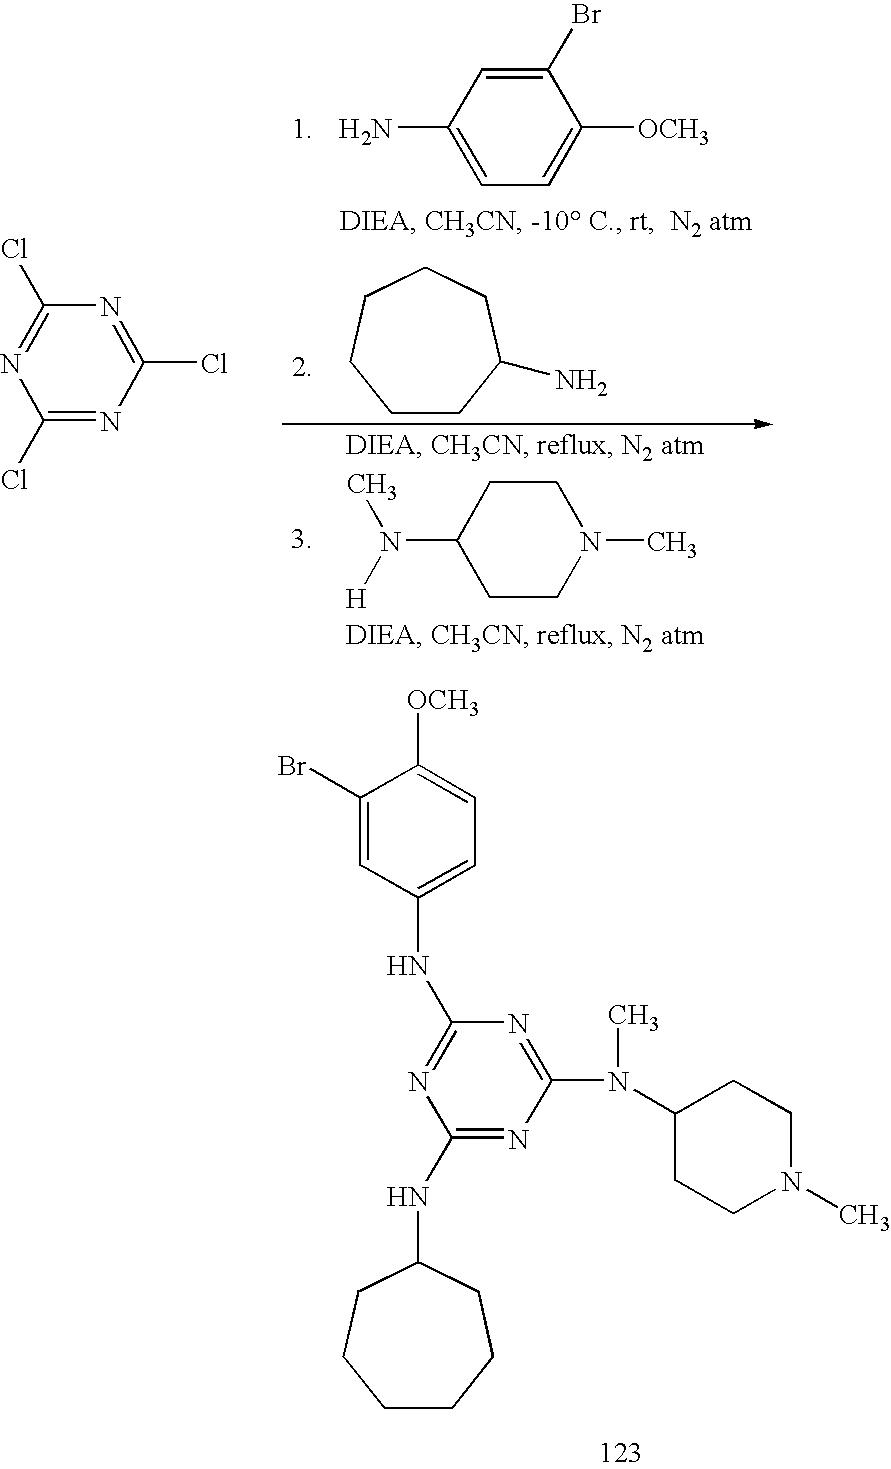 Figure US20050113341A1-20050526-C00153